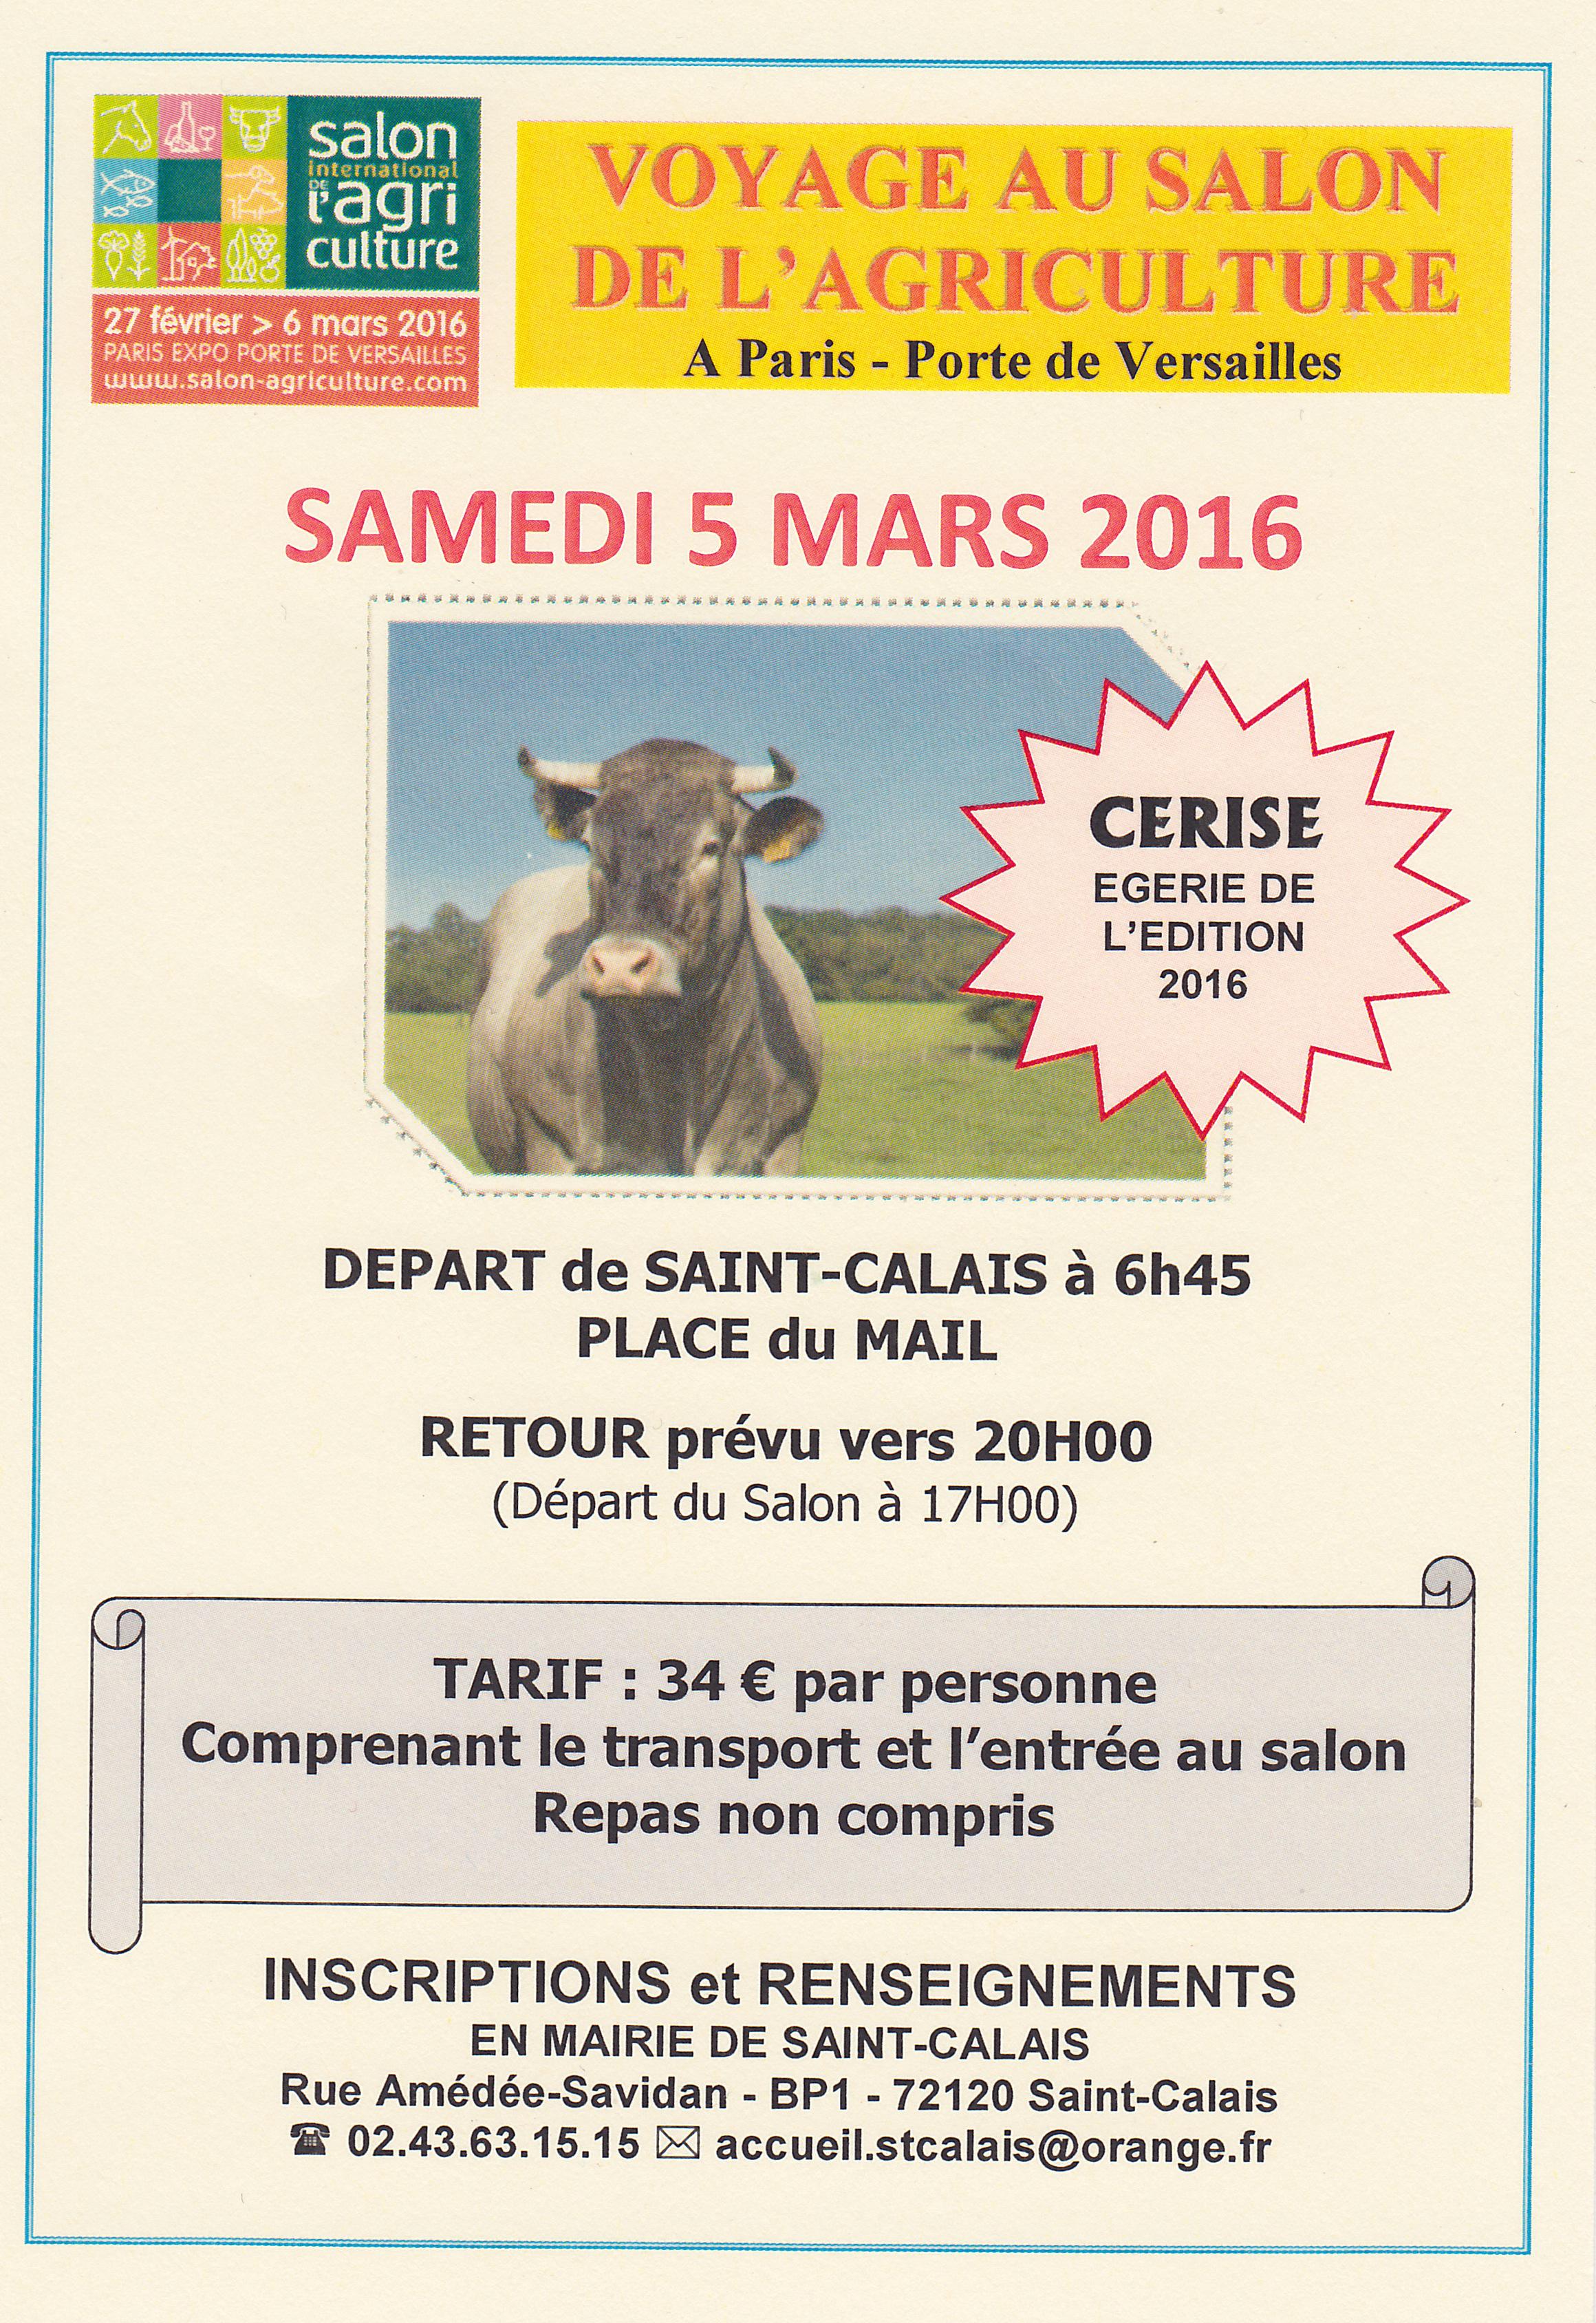 Voyage au salon de l agriculture saint calais for Salon de l agriculture